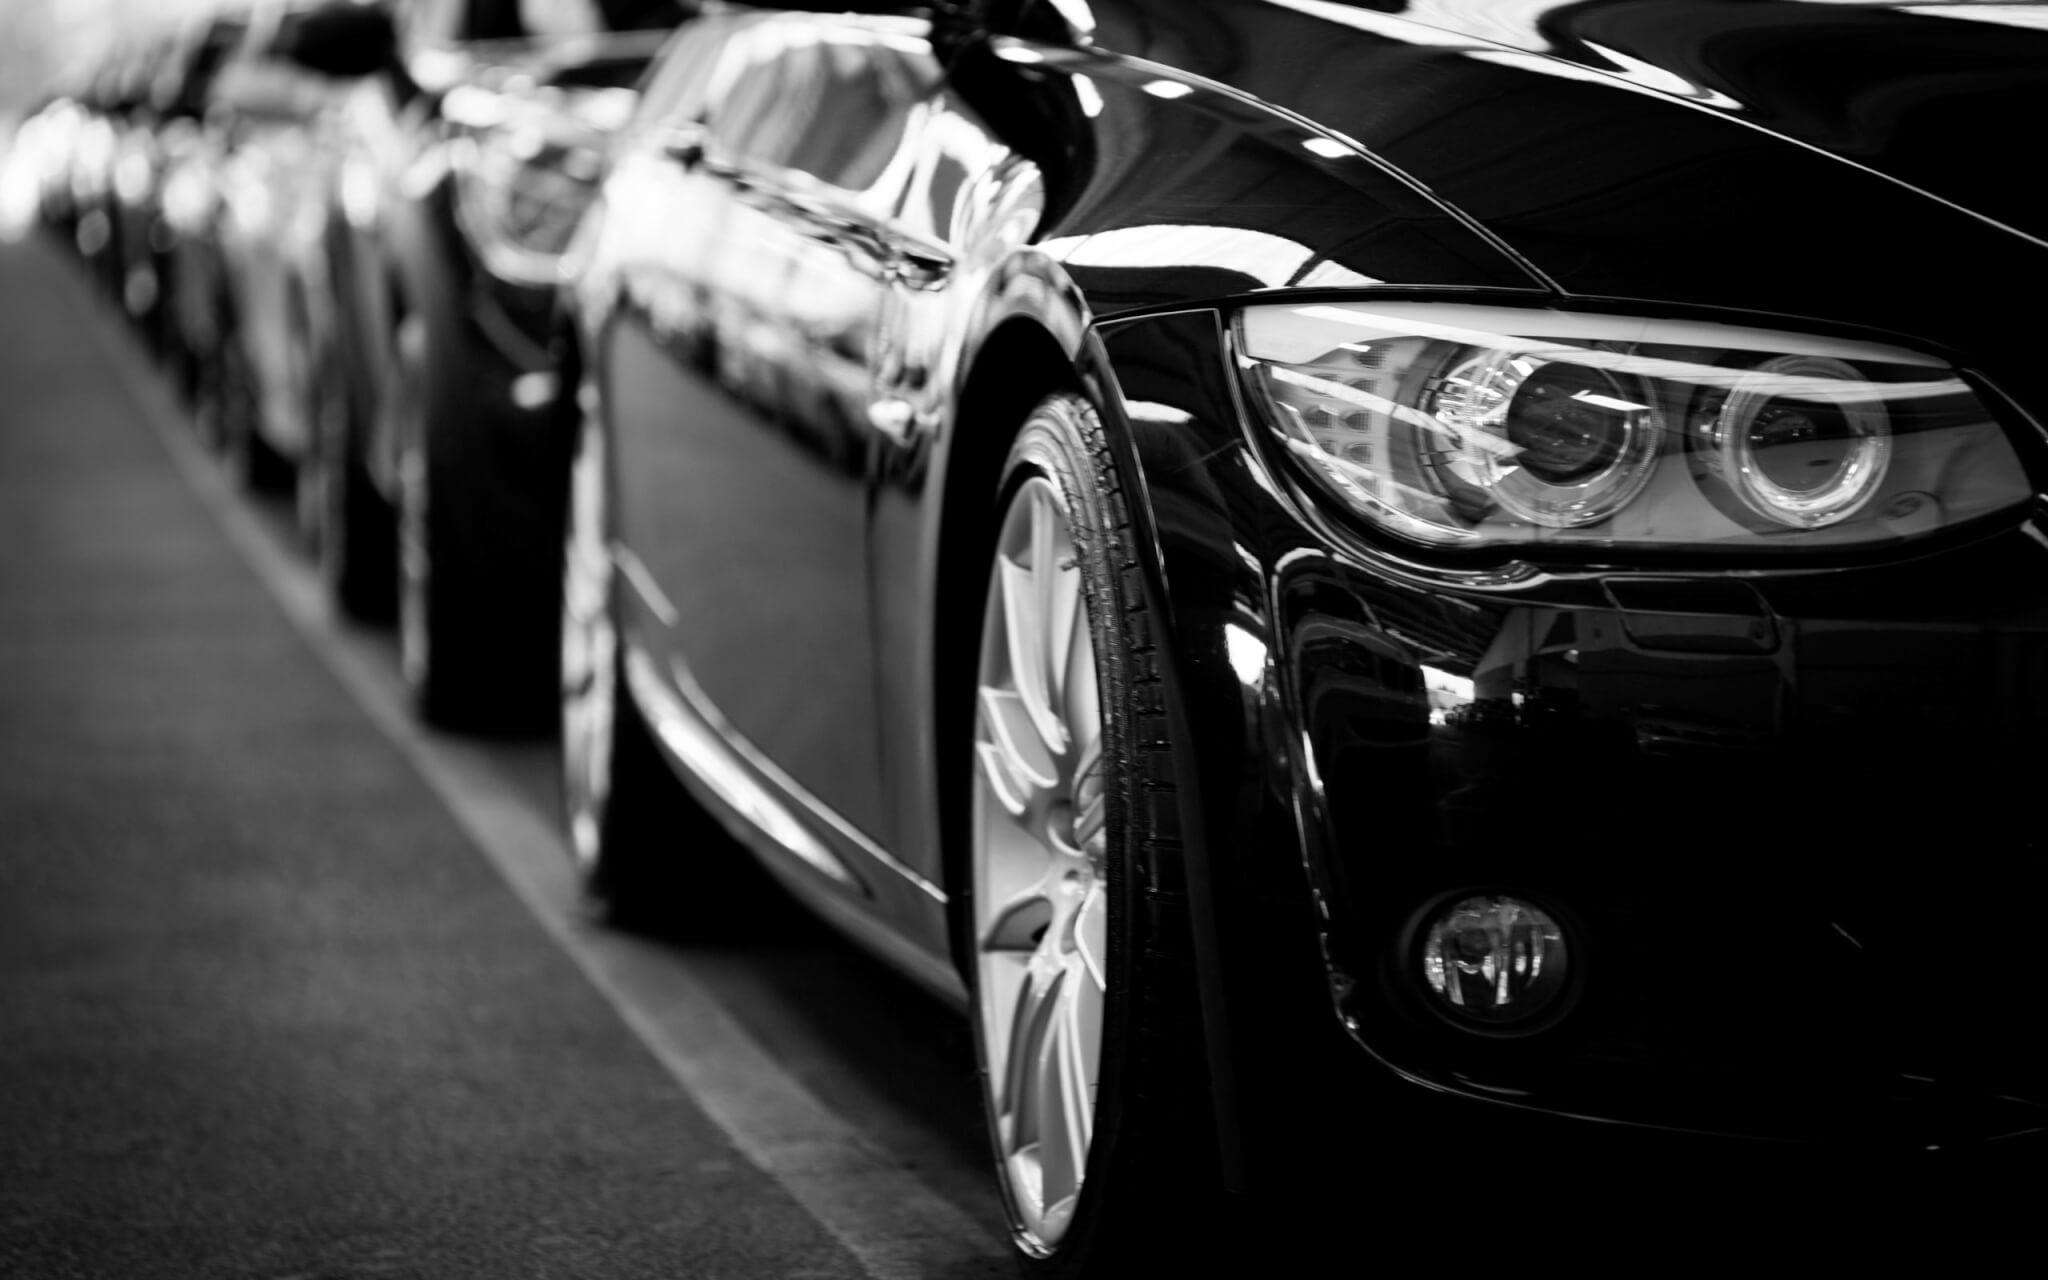 Automobilindustrie in Marokko: ein Gewinner der Corona-Krise